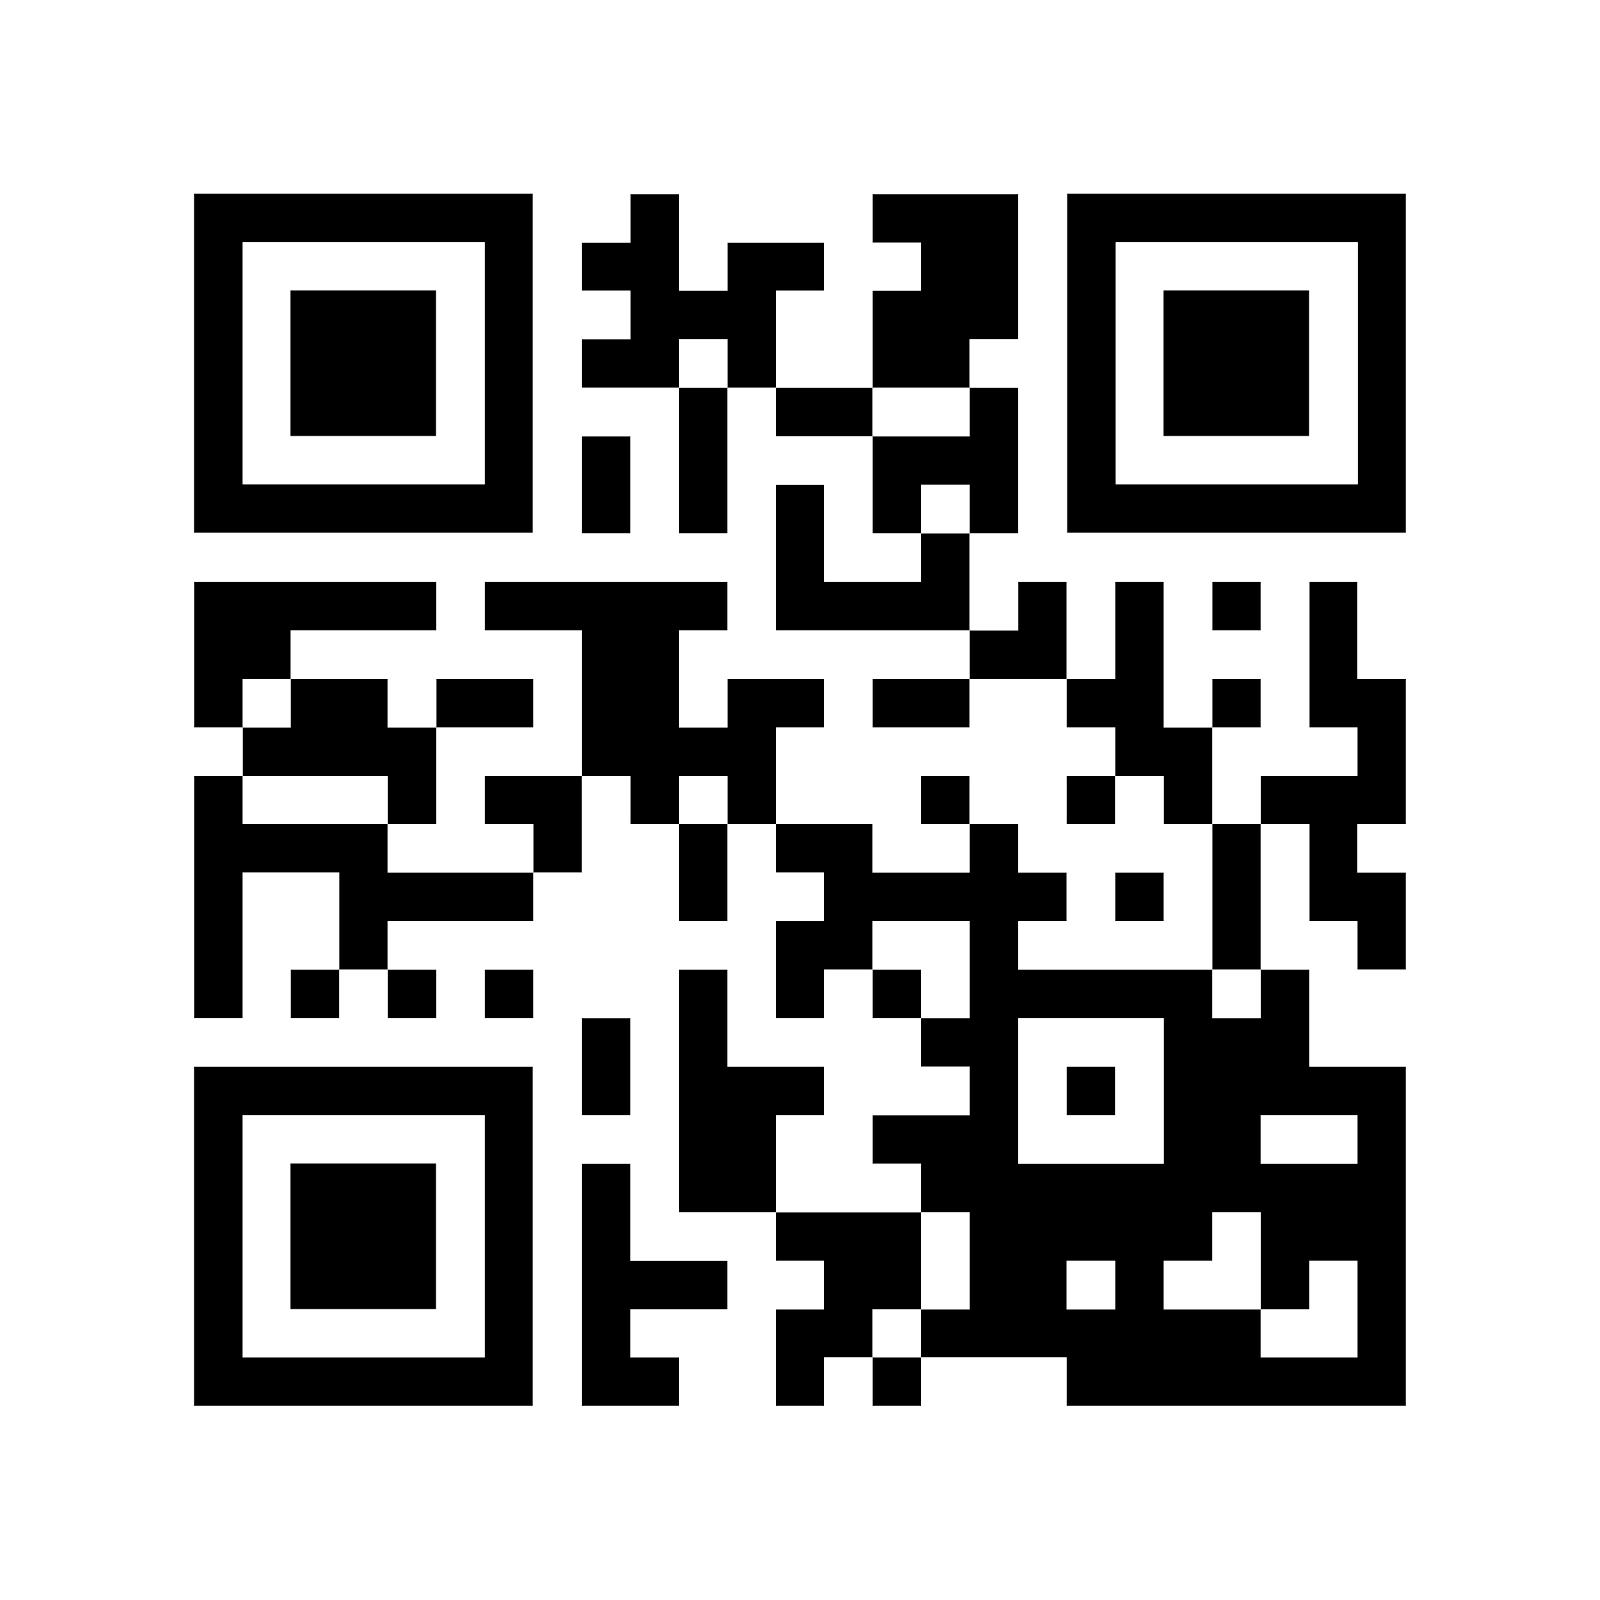 Descárgate mi App para Android y IOS